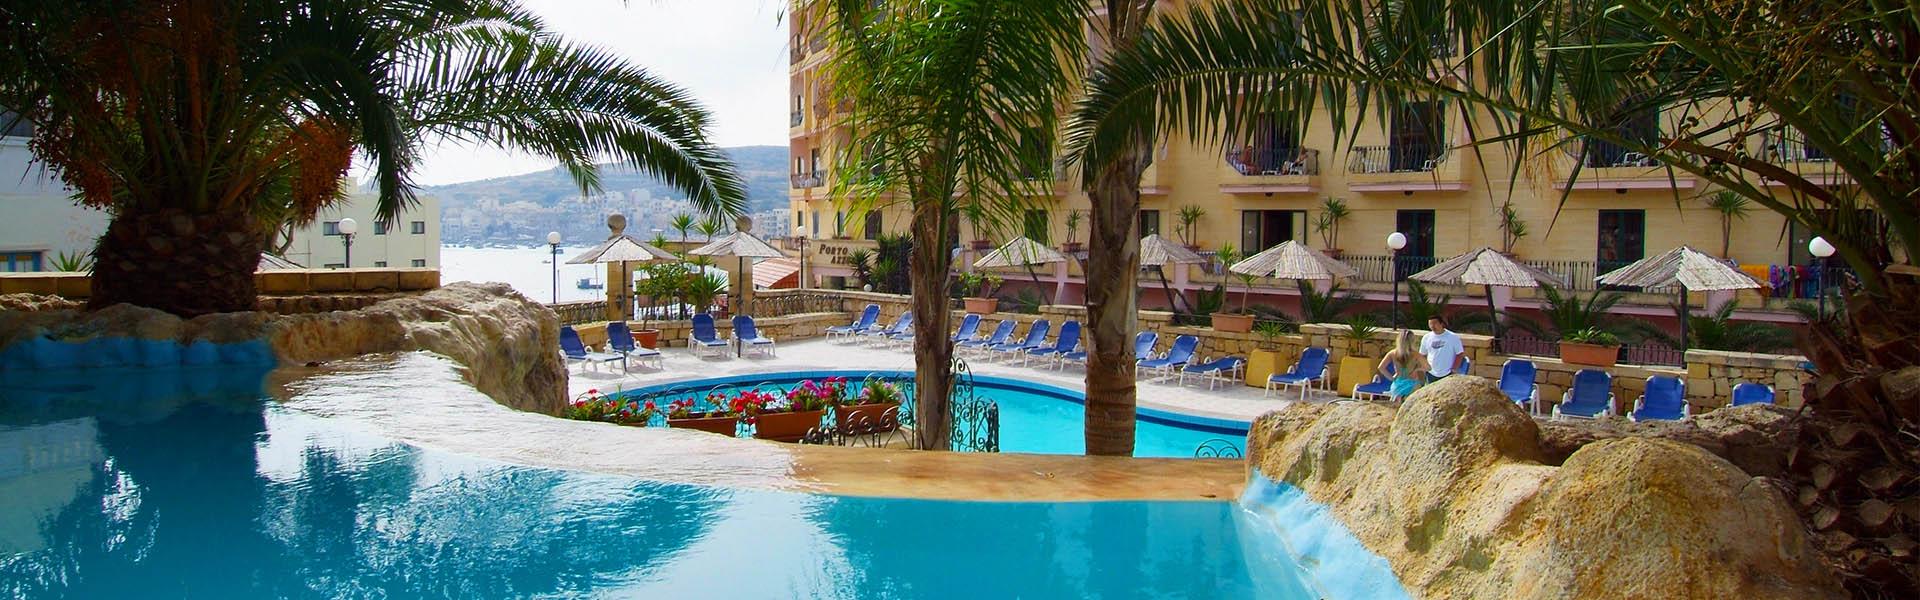 3 star hotel malta hotel apartments porto azzurro for Appart hotel porto